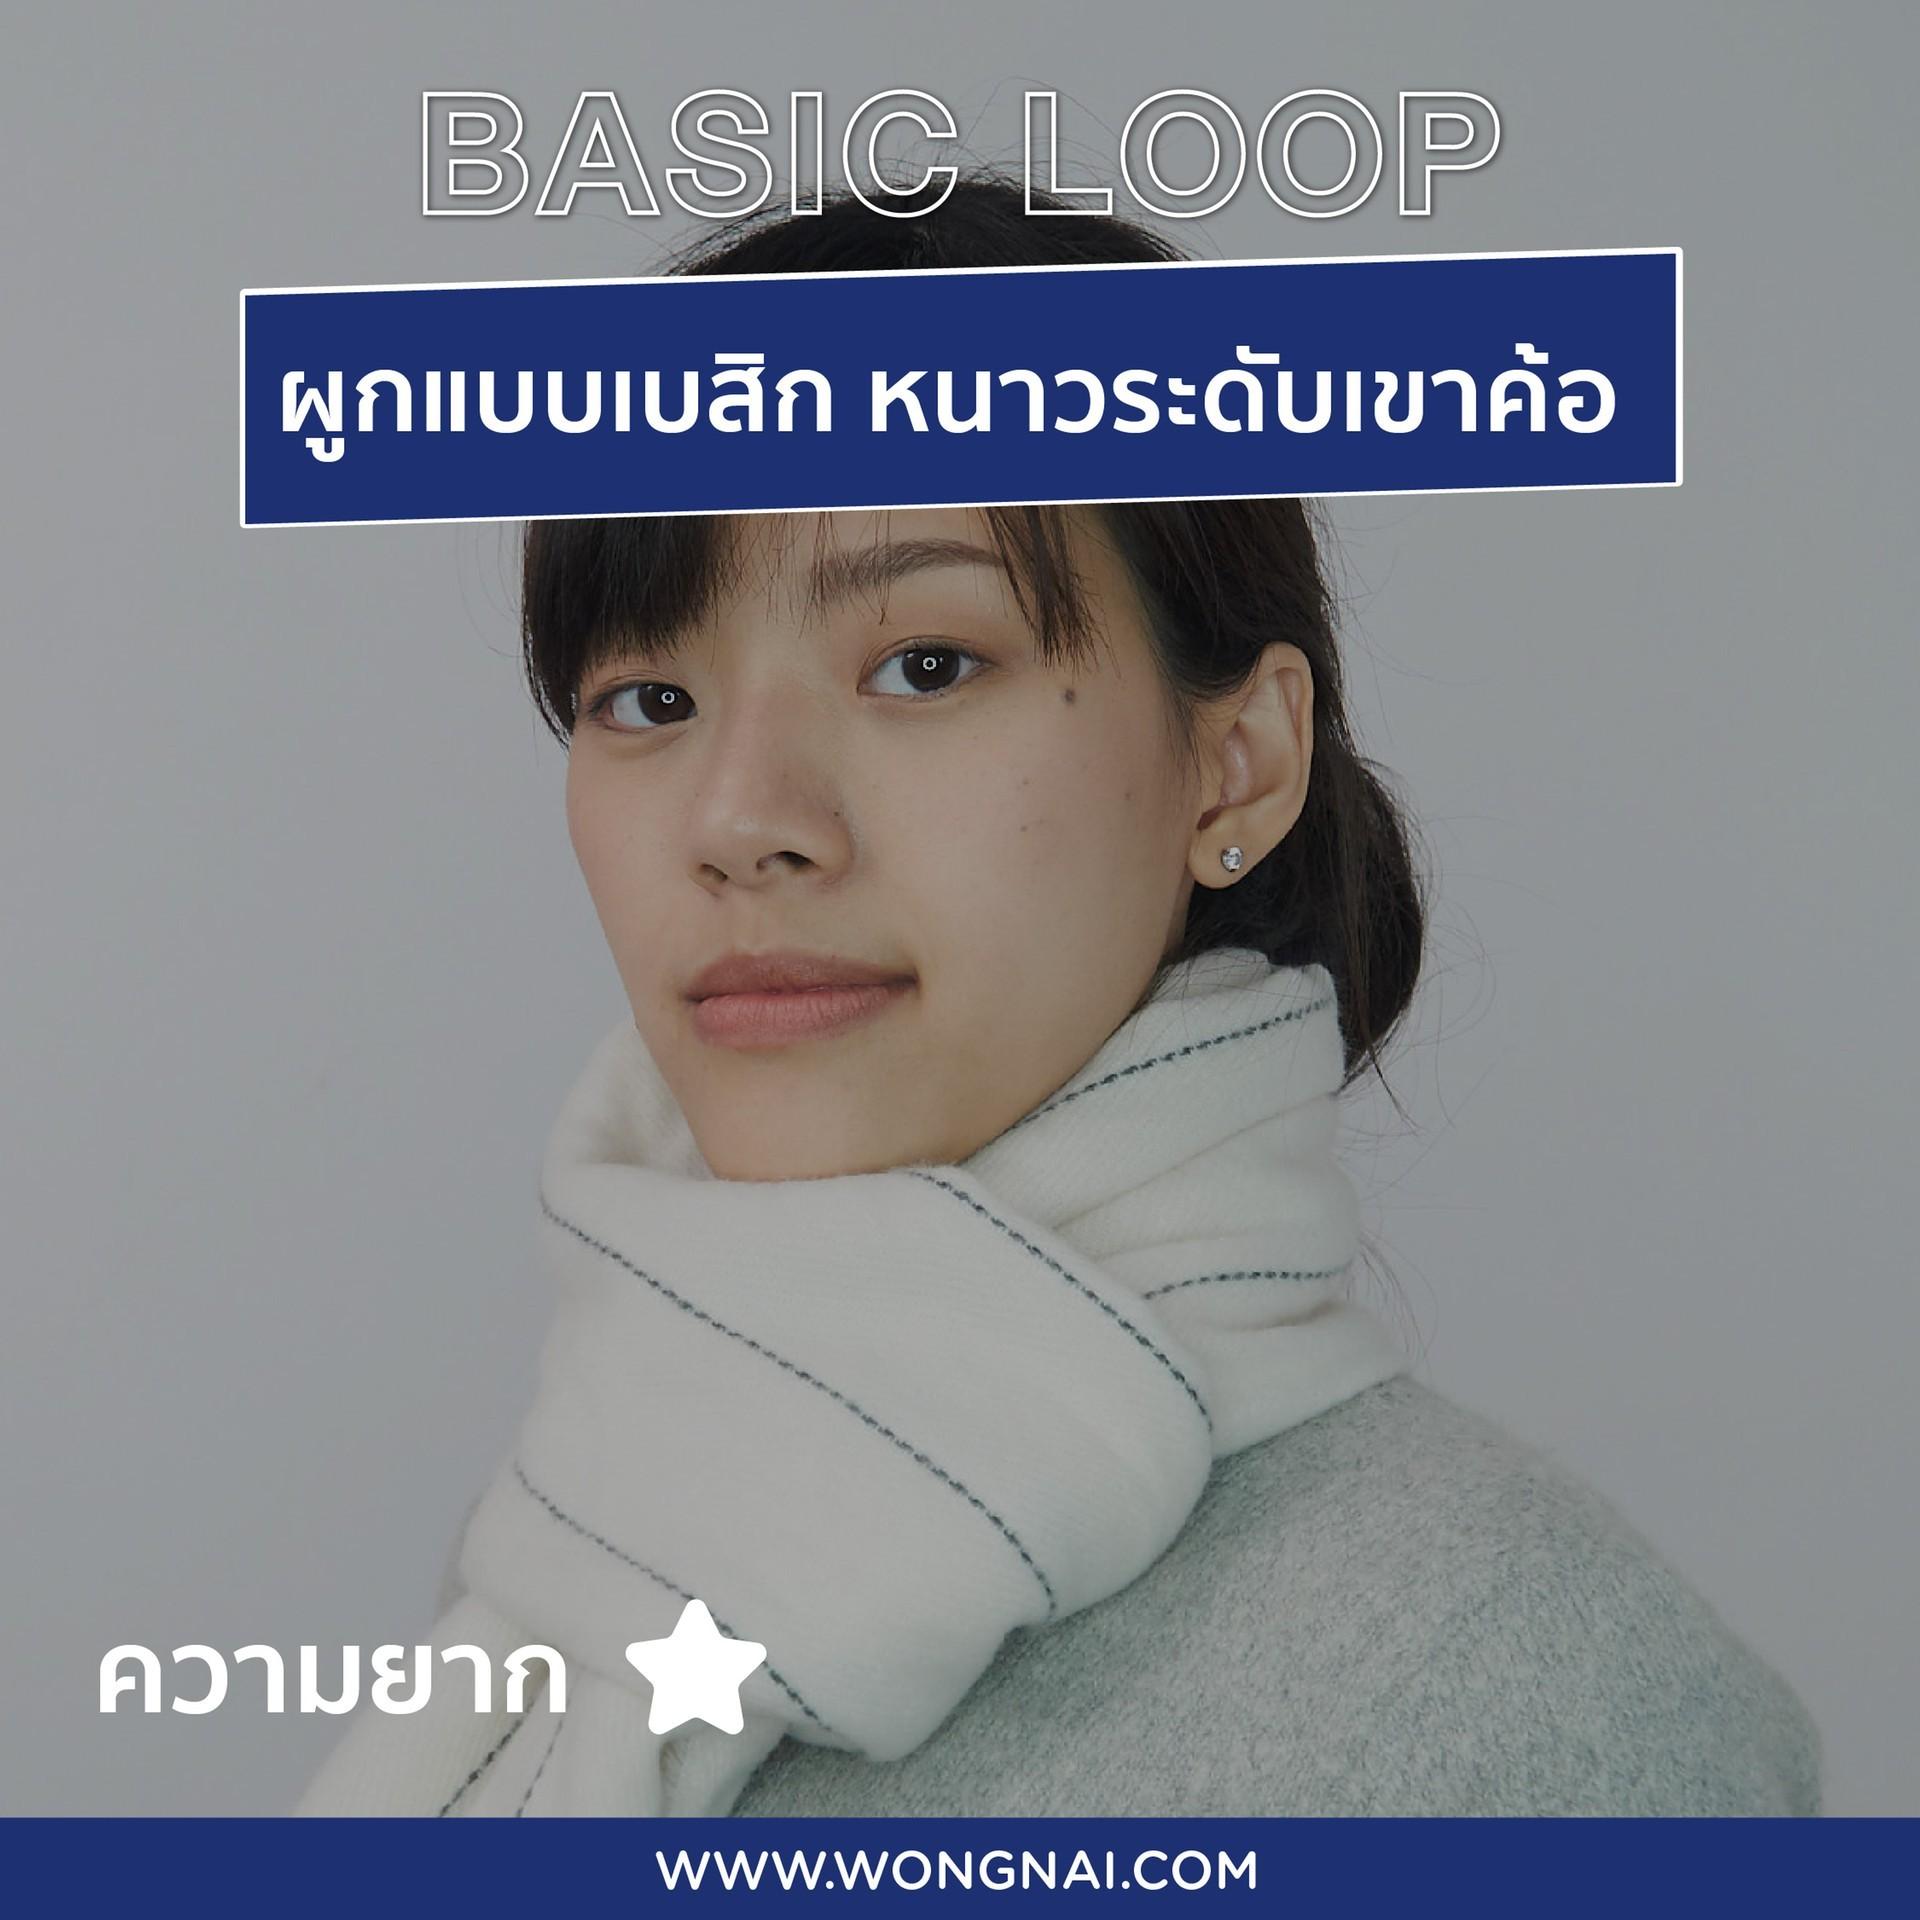 Basic Loop